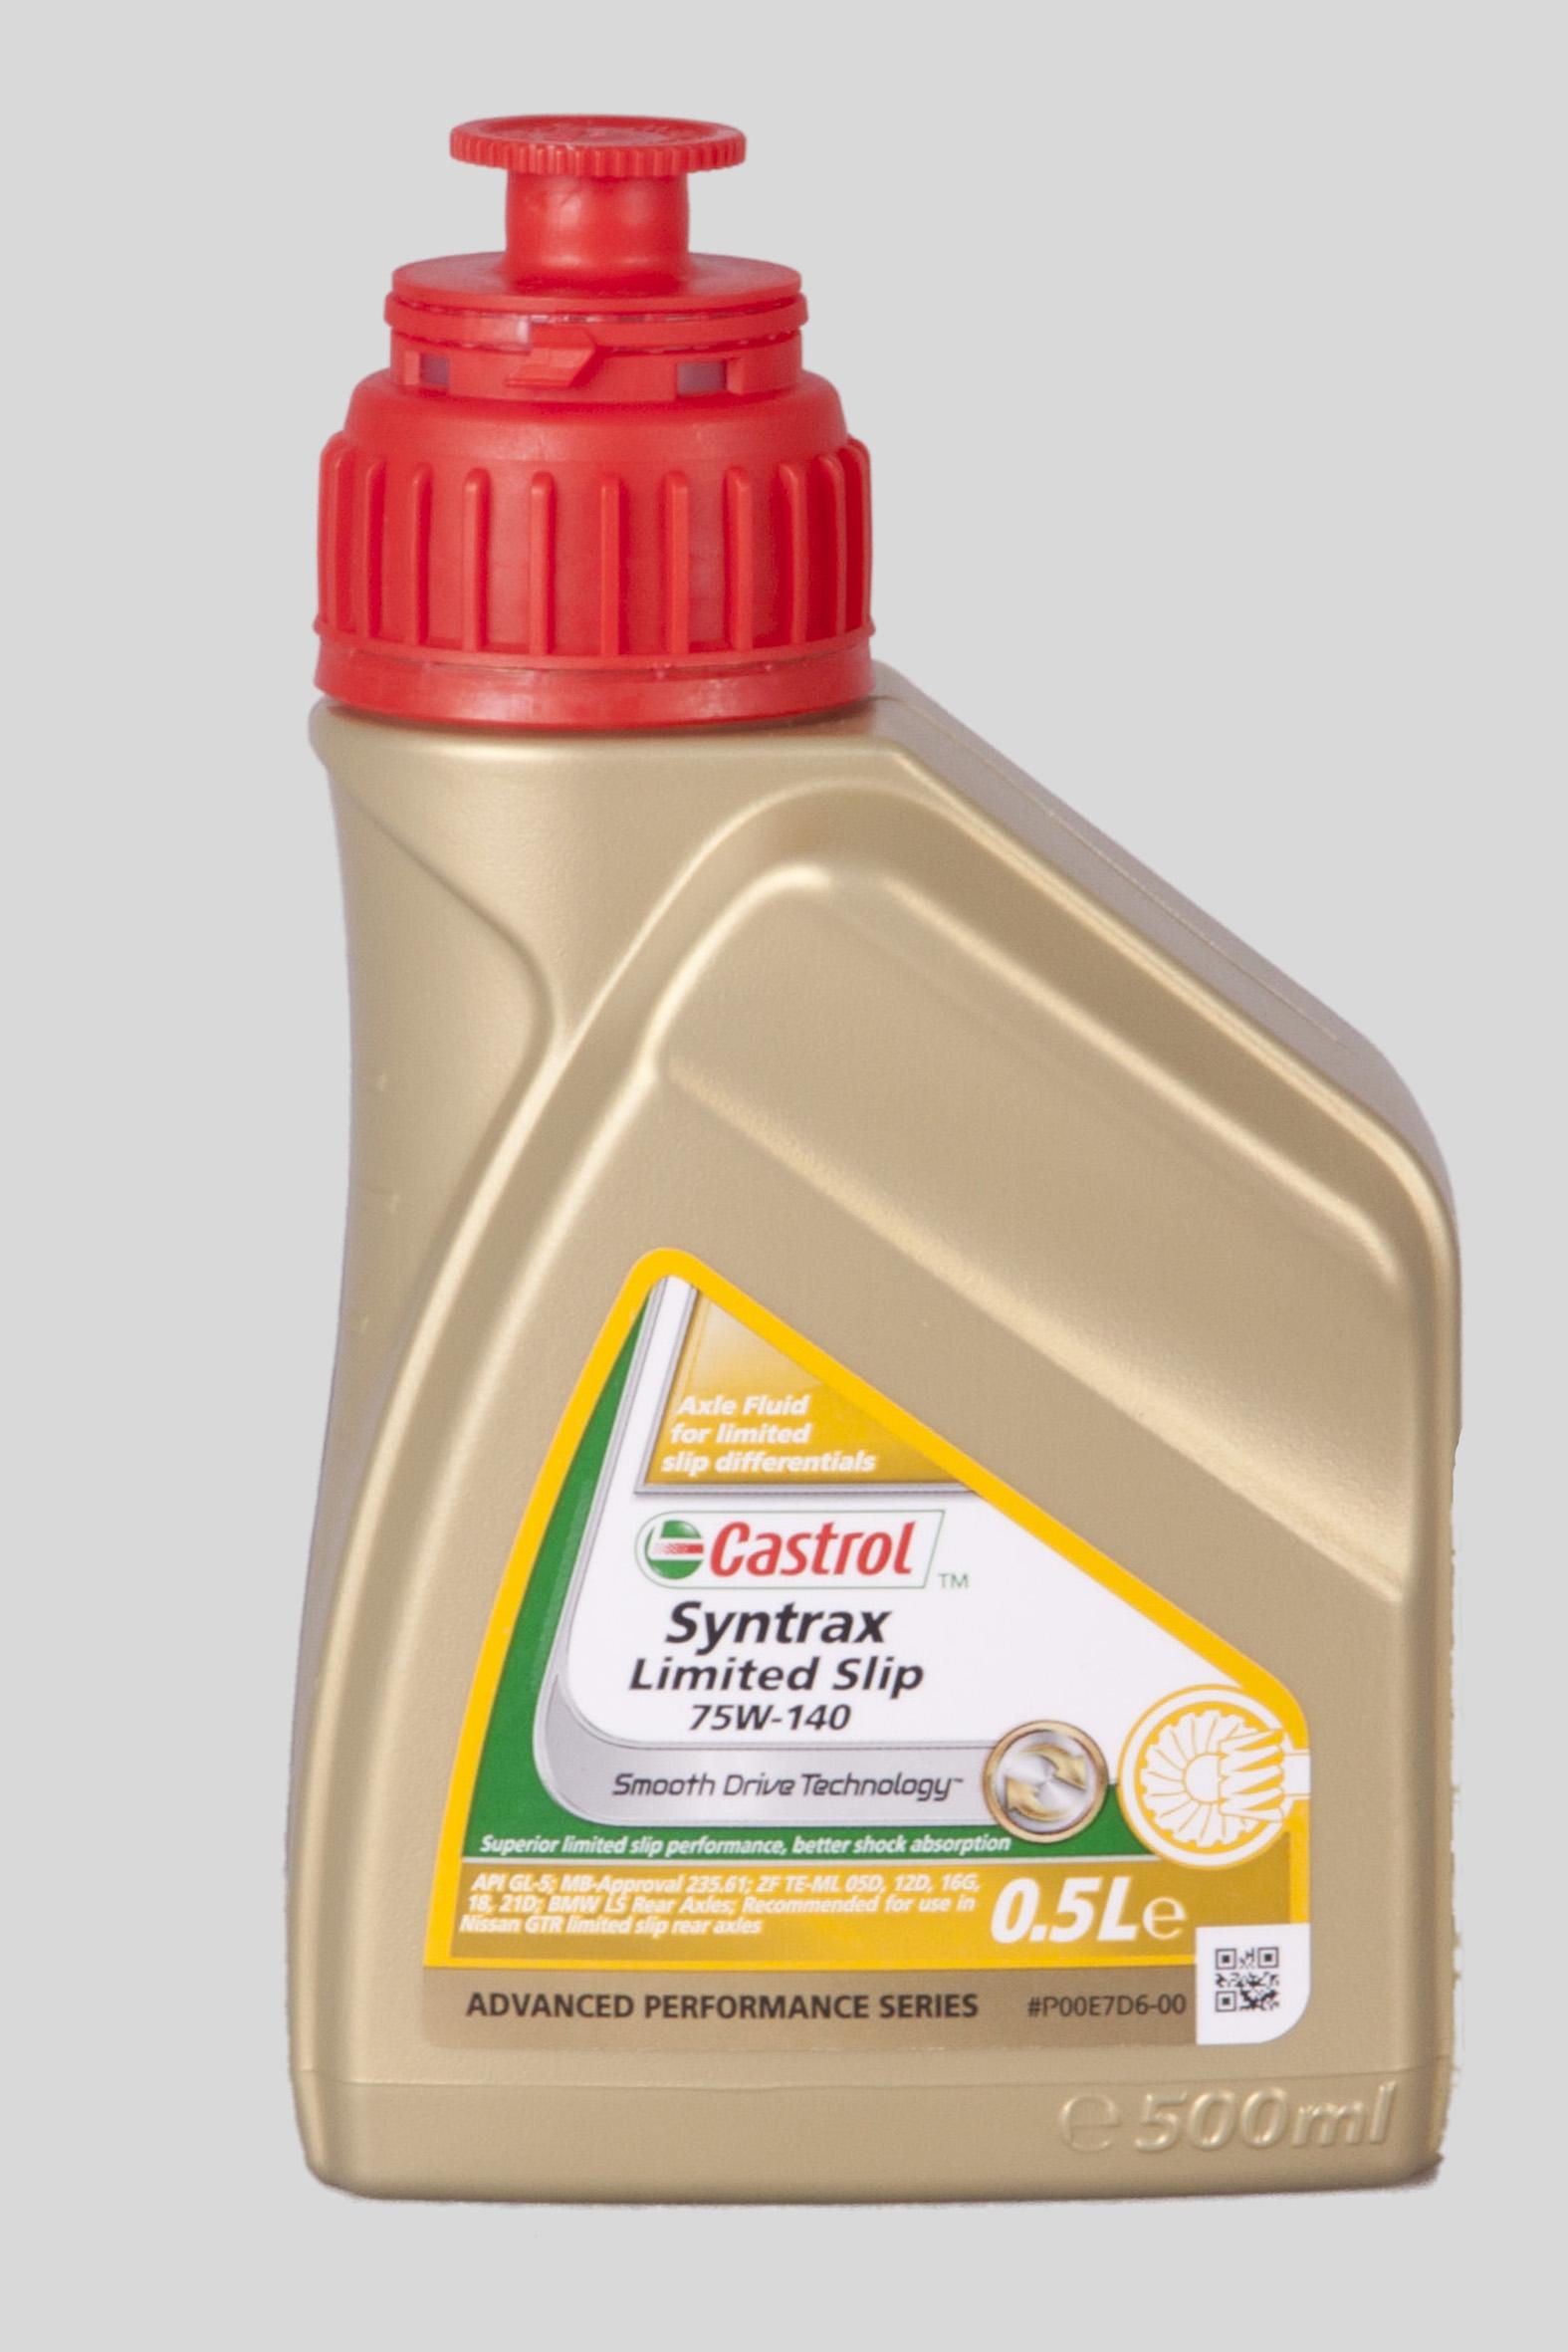 Castrol Syntrax Limited Slip 75W-140 500ml